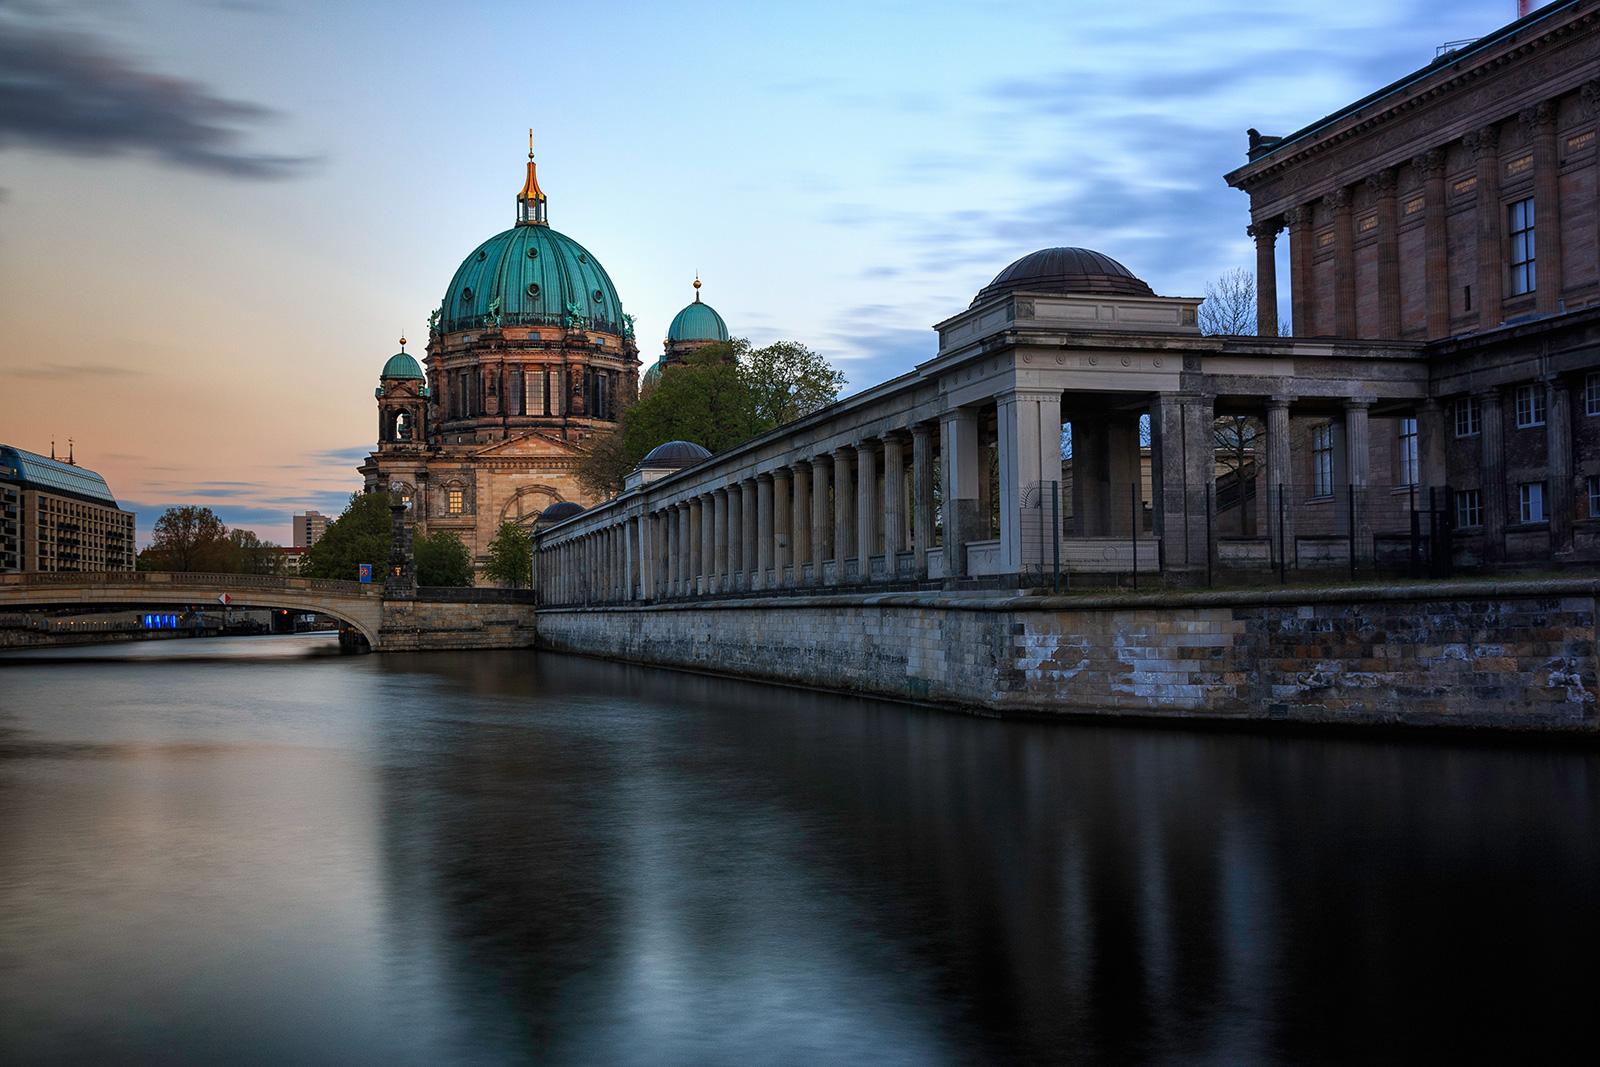 Sonnenuntergang am Berliner Dom mit der alten Nationalgalerie